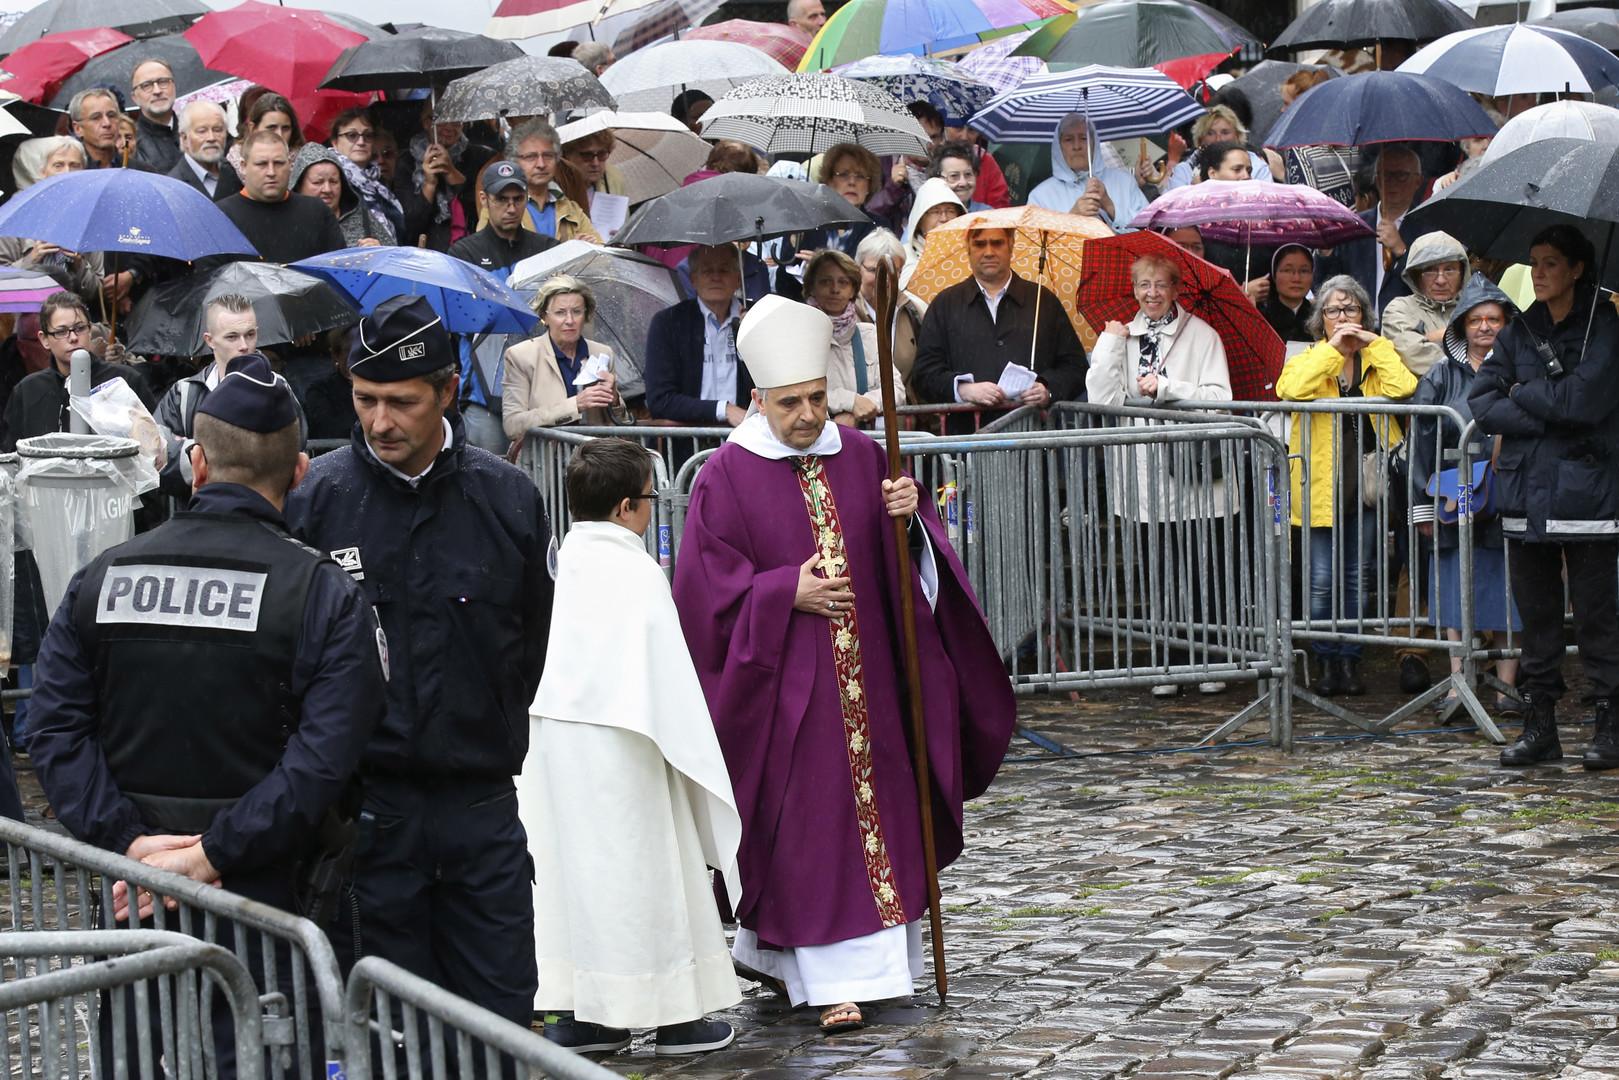 Rouen : les funérailles de l'abbé Hamel rassemblent des milliers de personnes